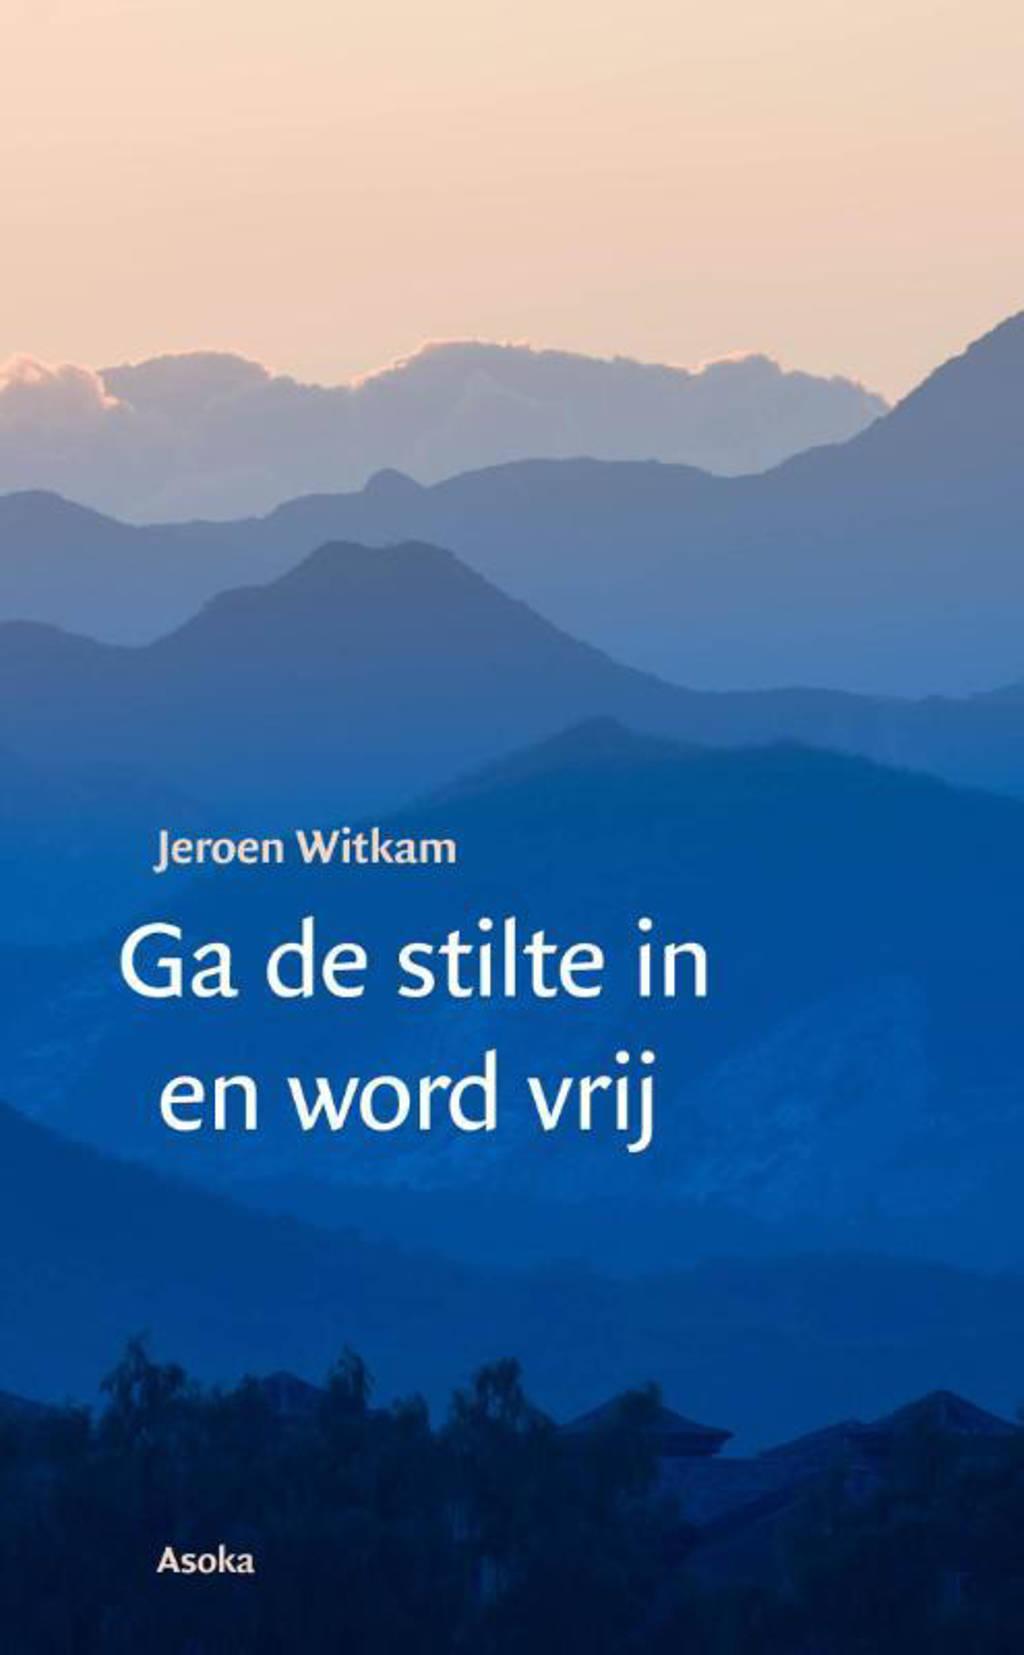 Ga de stilte in en word vrij - Jeroen Witkam